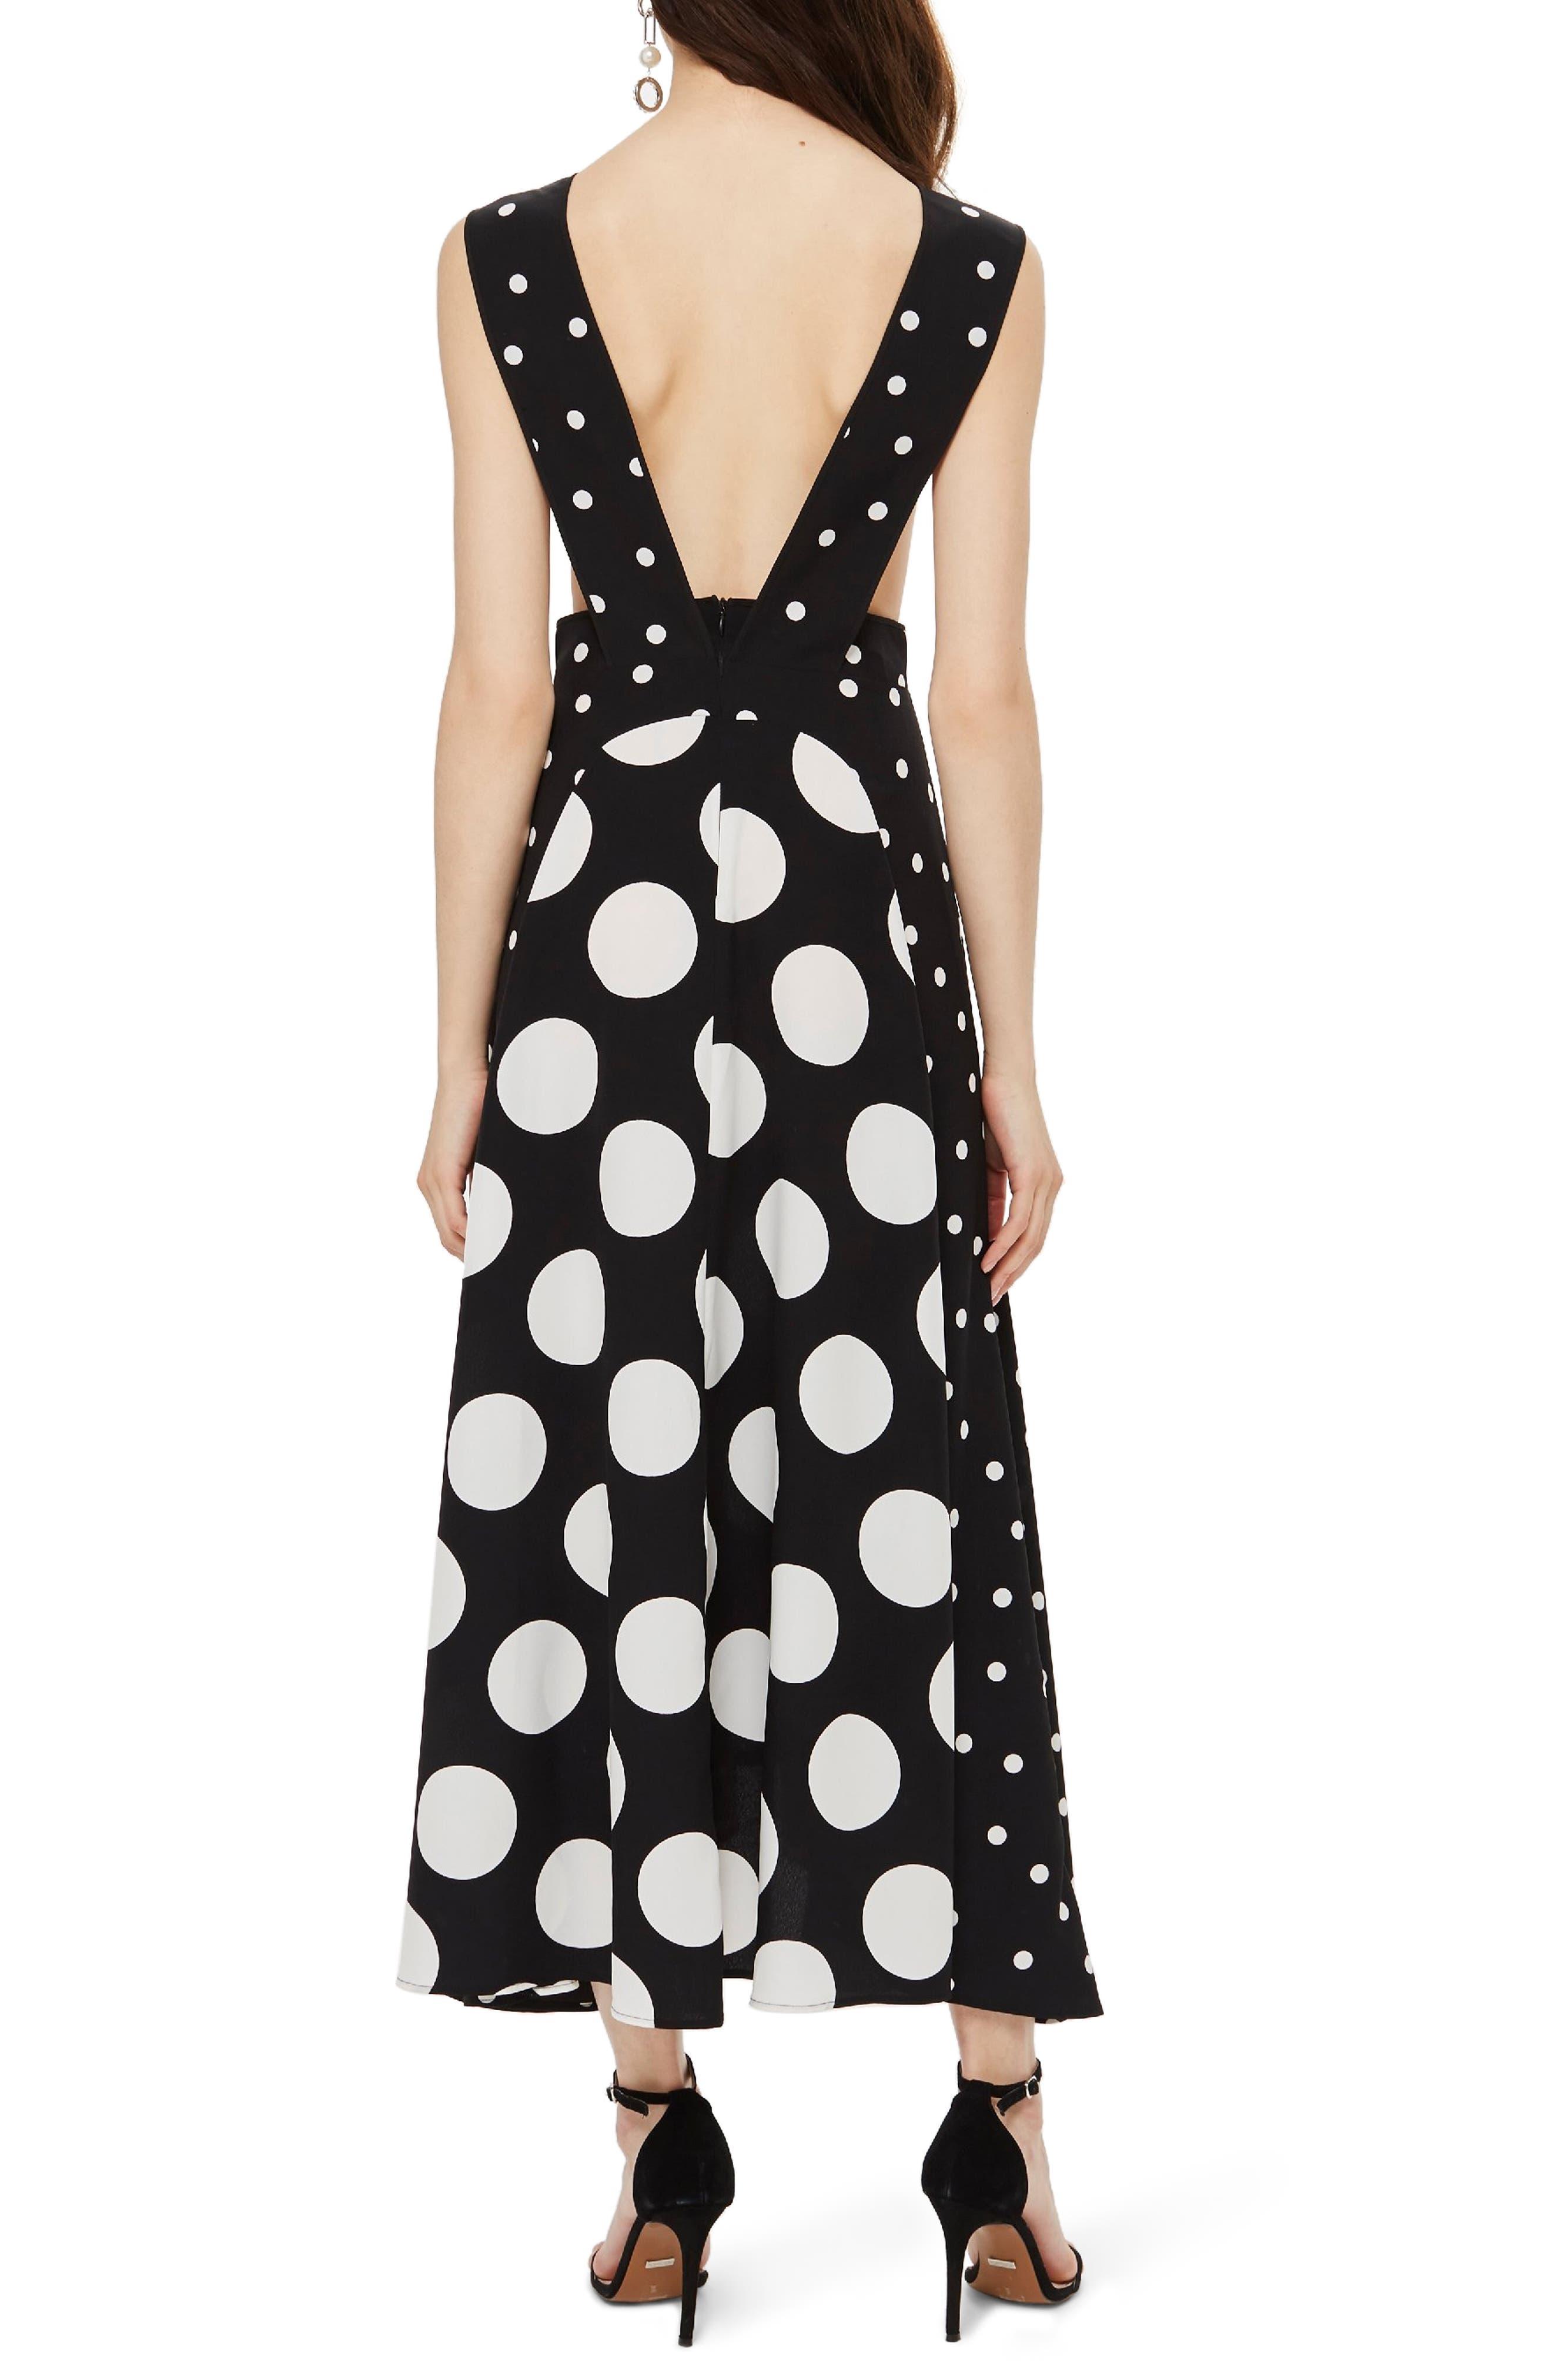 Spot Plunge Neck Midi Dress,                             Alternate thumbnail 2, color,                             BLACK/ WHITE MULTI